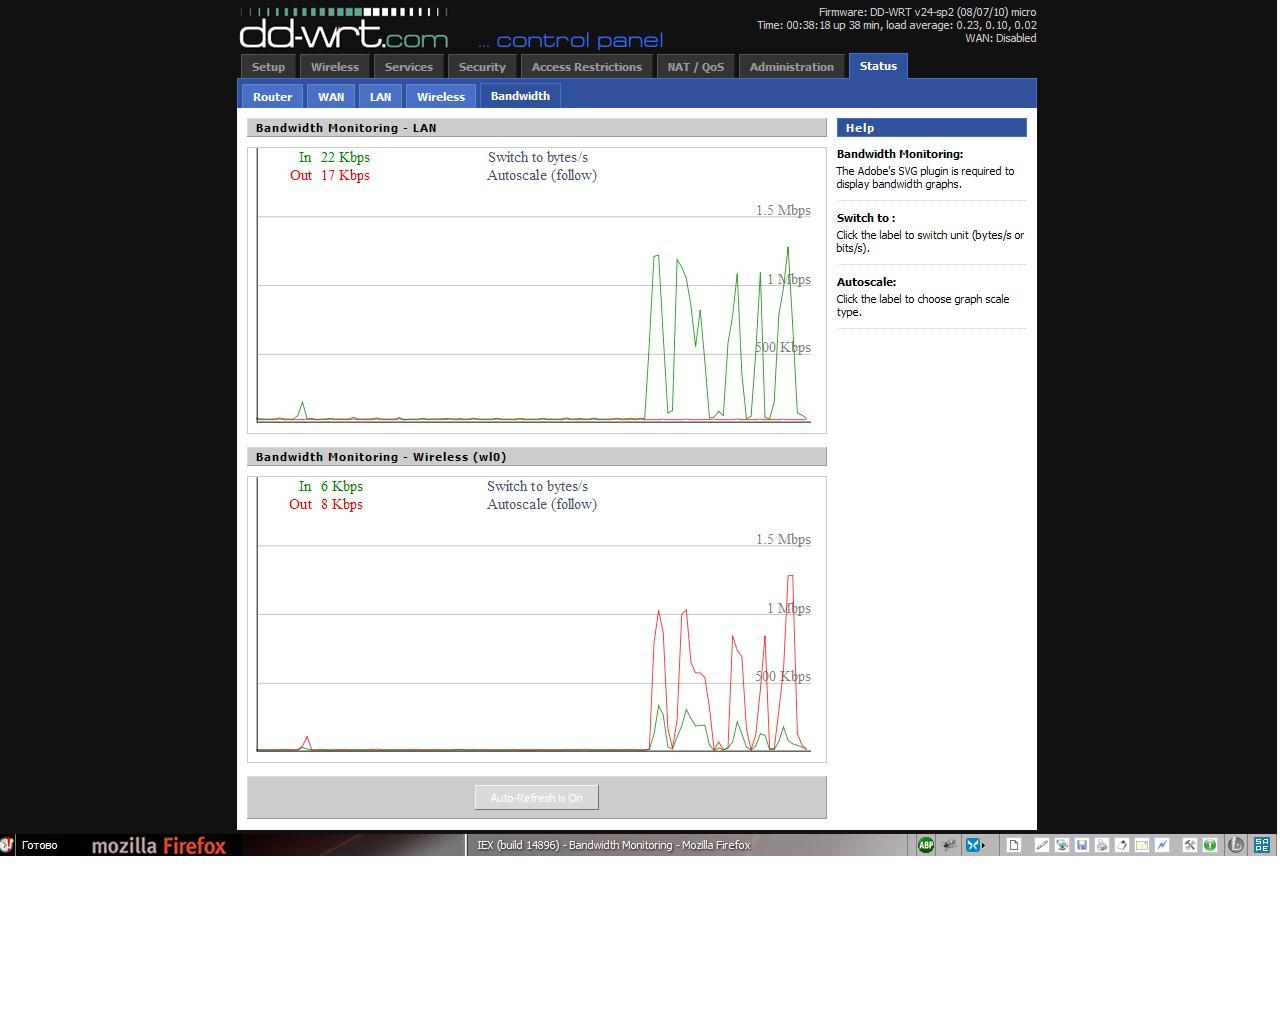 Linksys wap54g firmware 3 1